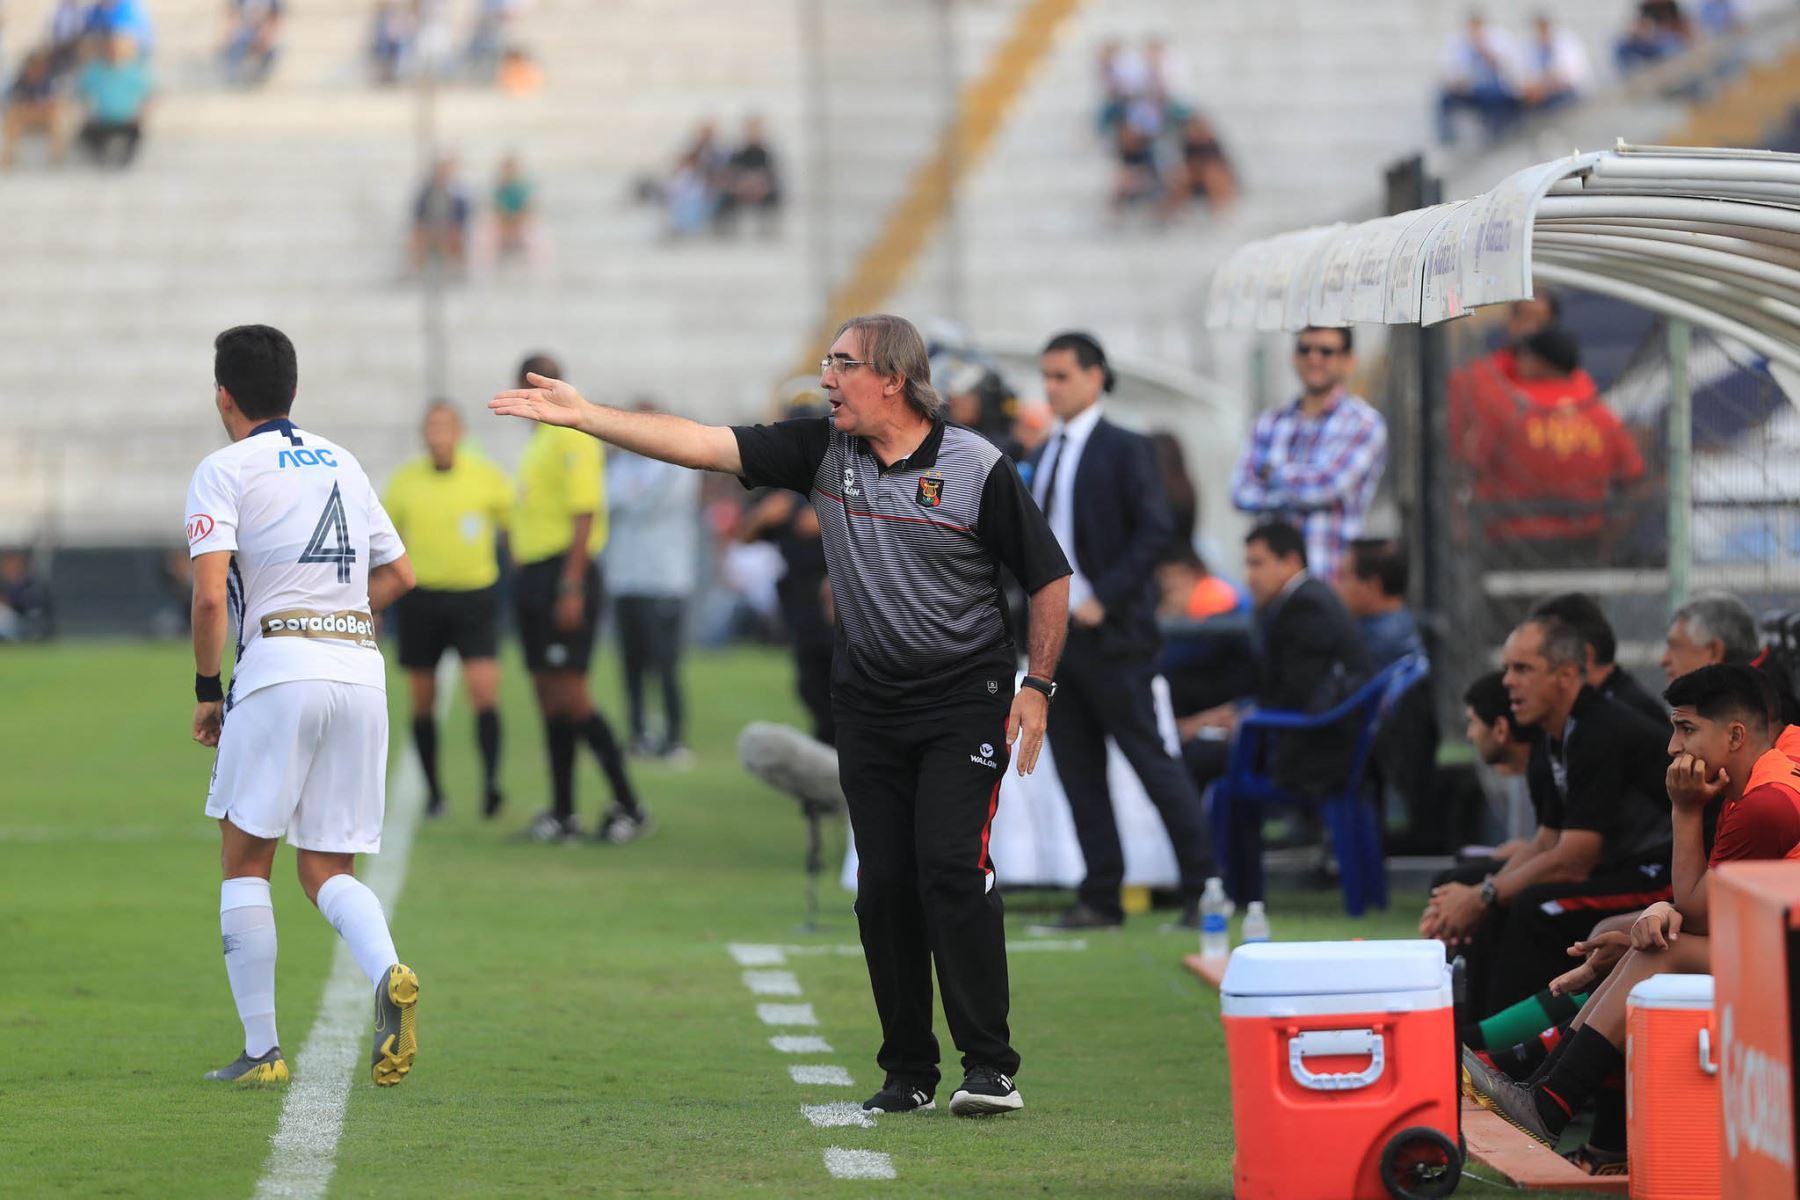 Jorge Pautasso entrenador del Melgar reclama una jugada en el partido frente Alianza Lima. Foto: ANDINA/Juan Carlos Guzmán